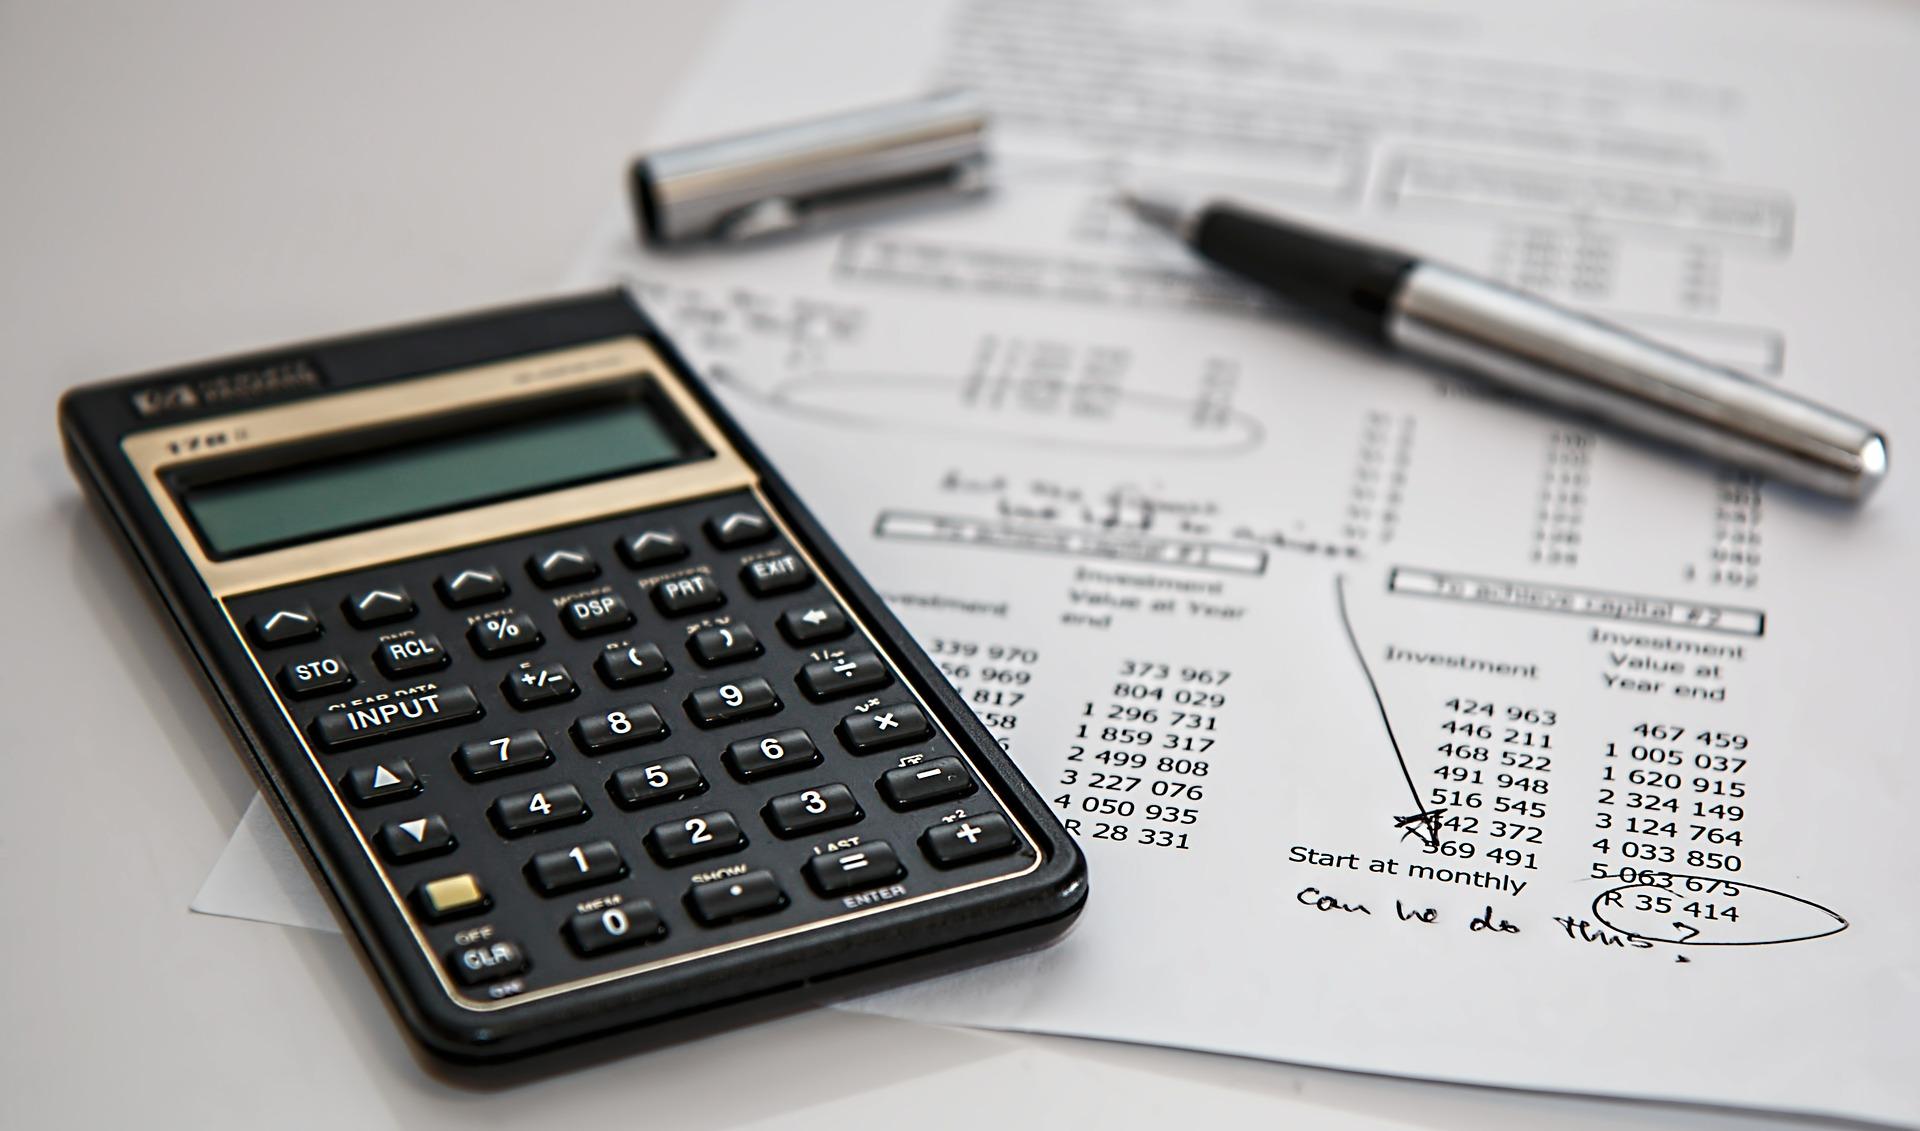 Zwrot podatku już w 45 dni! Sprawdź co trzeba zrobić, by szybciej otrzymać należne środki